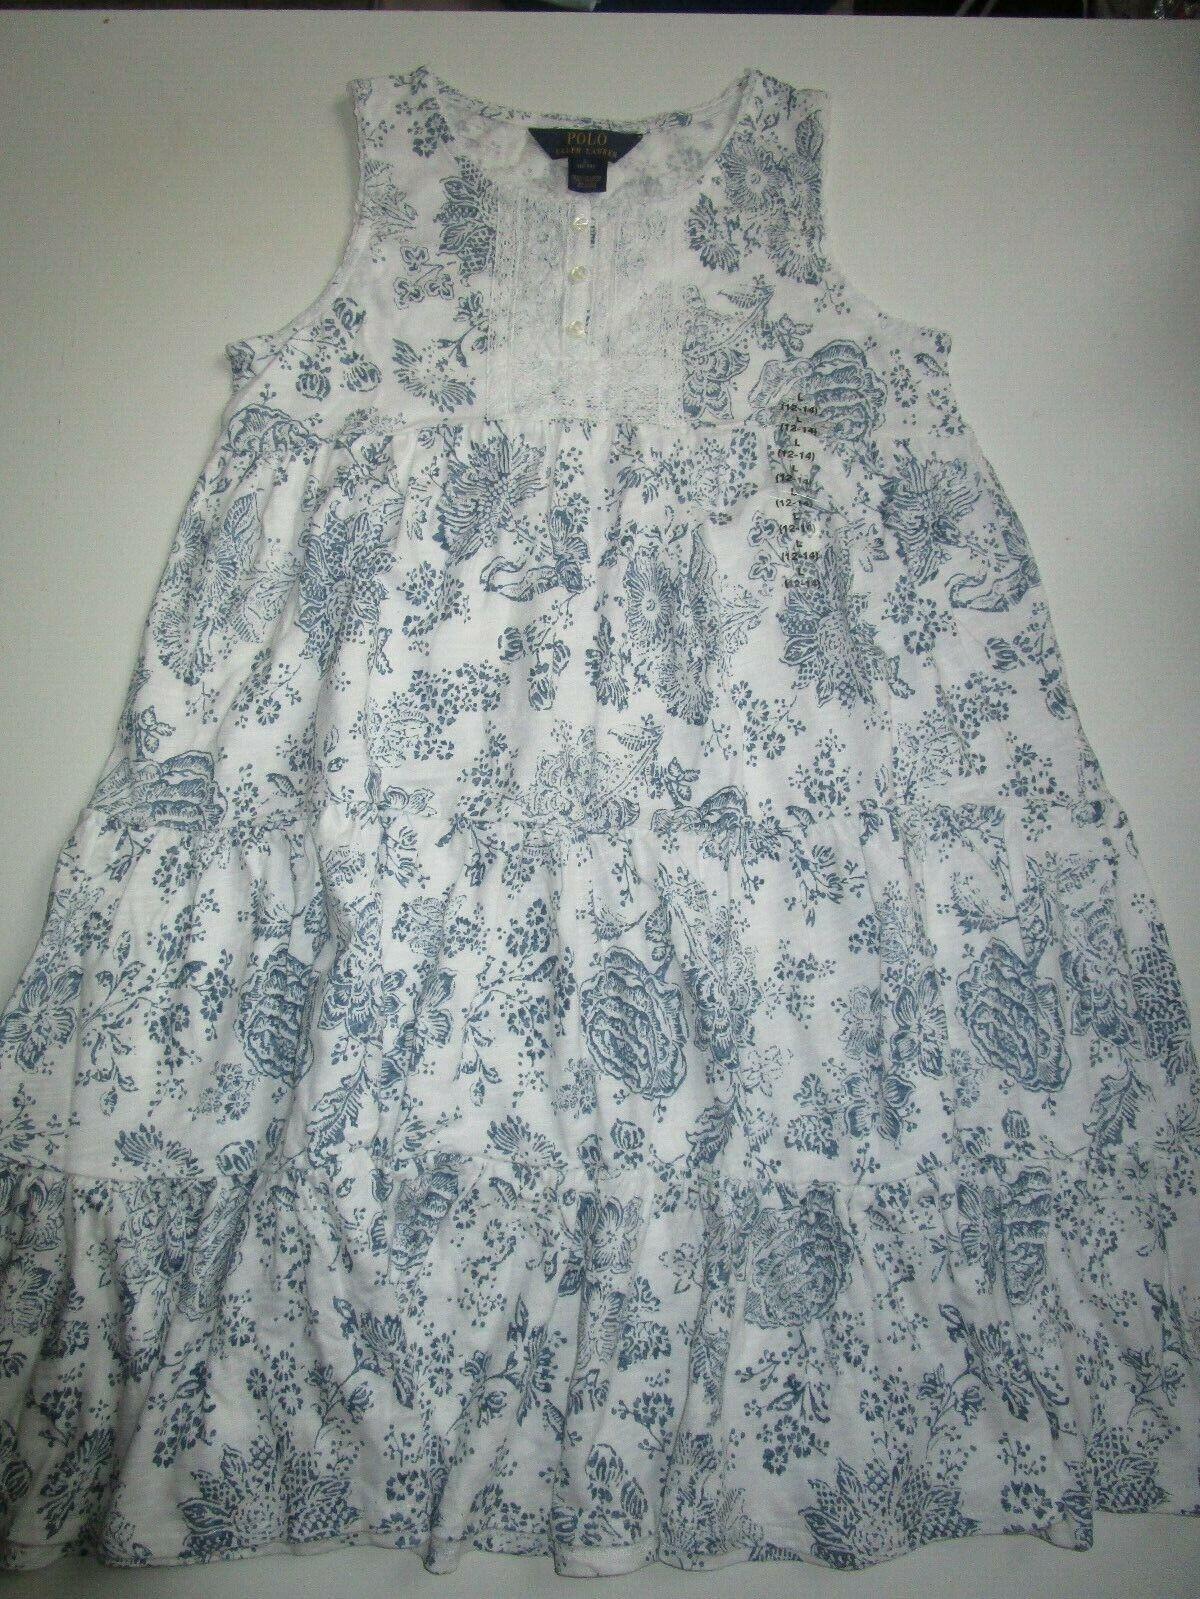 POLO RALPH LAUREN Mädchen KLEID amerik.Gr L(12-14Jahre) Weiß blau NP 79,95  NEU